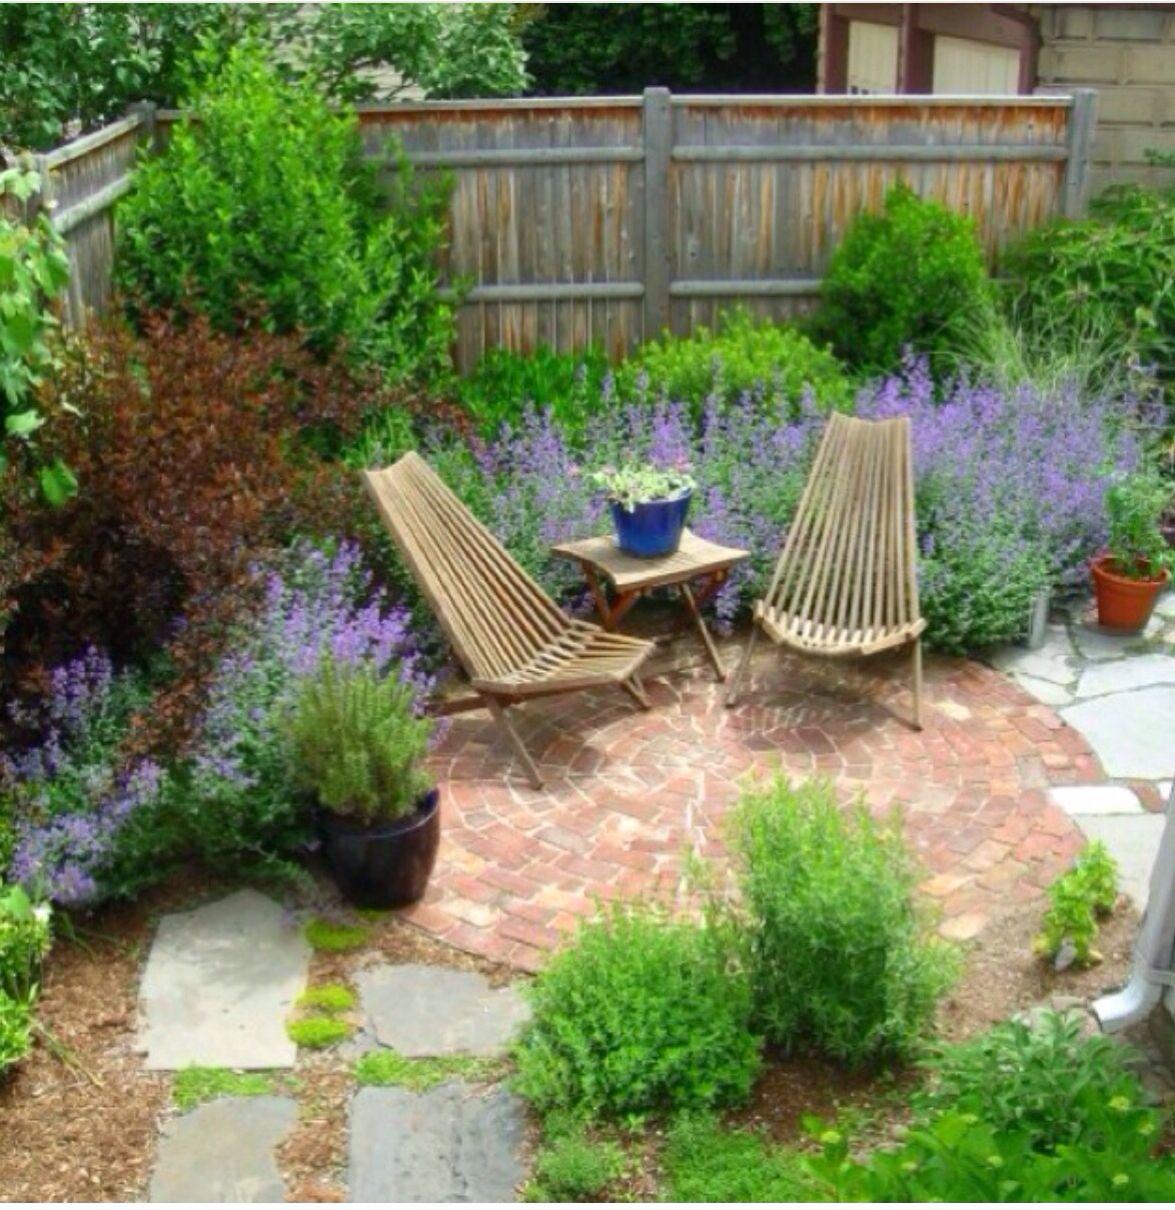 28 Tips For A Small Garden: Howell Ave Back Garden